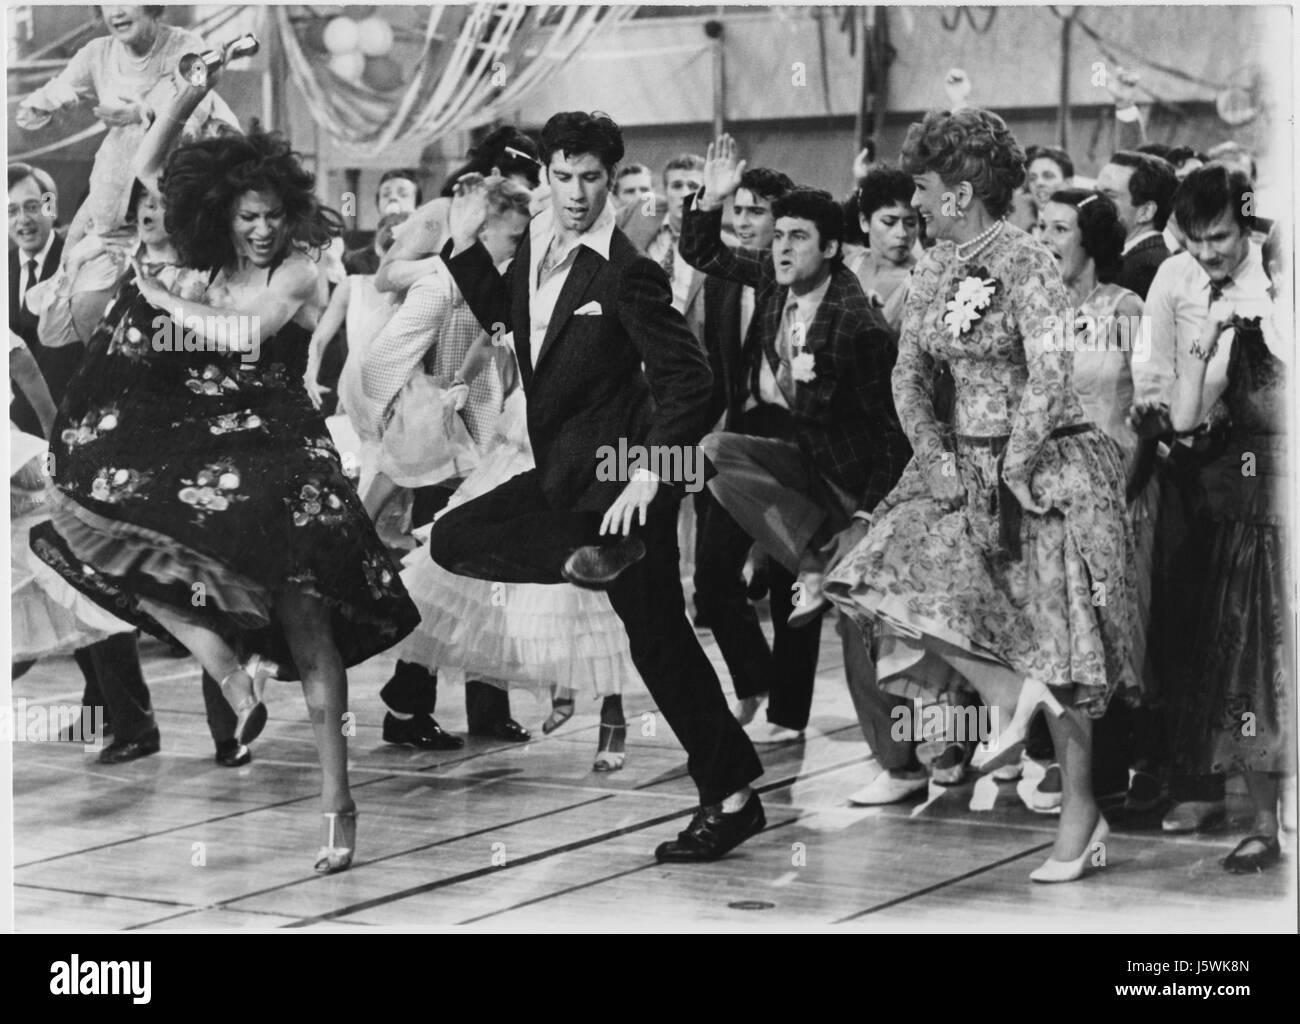 John Travolta Dancing Stock Photos & John Travolta Dancing